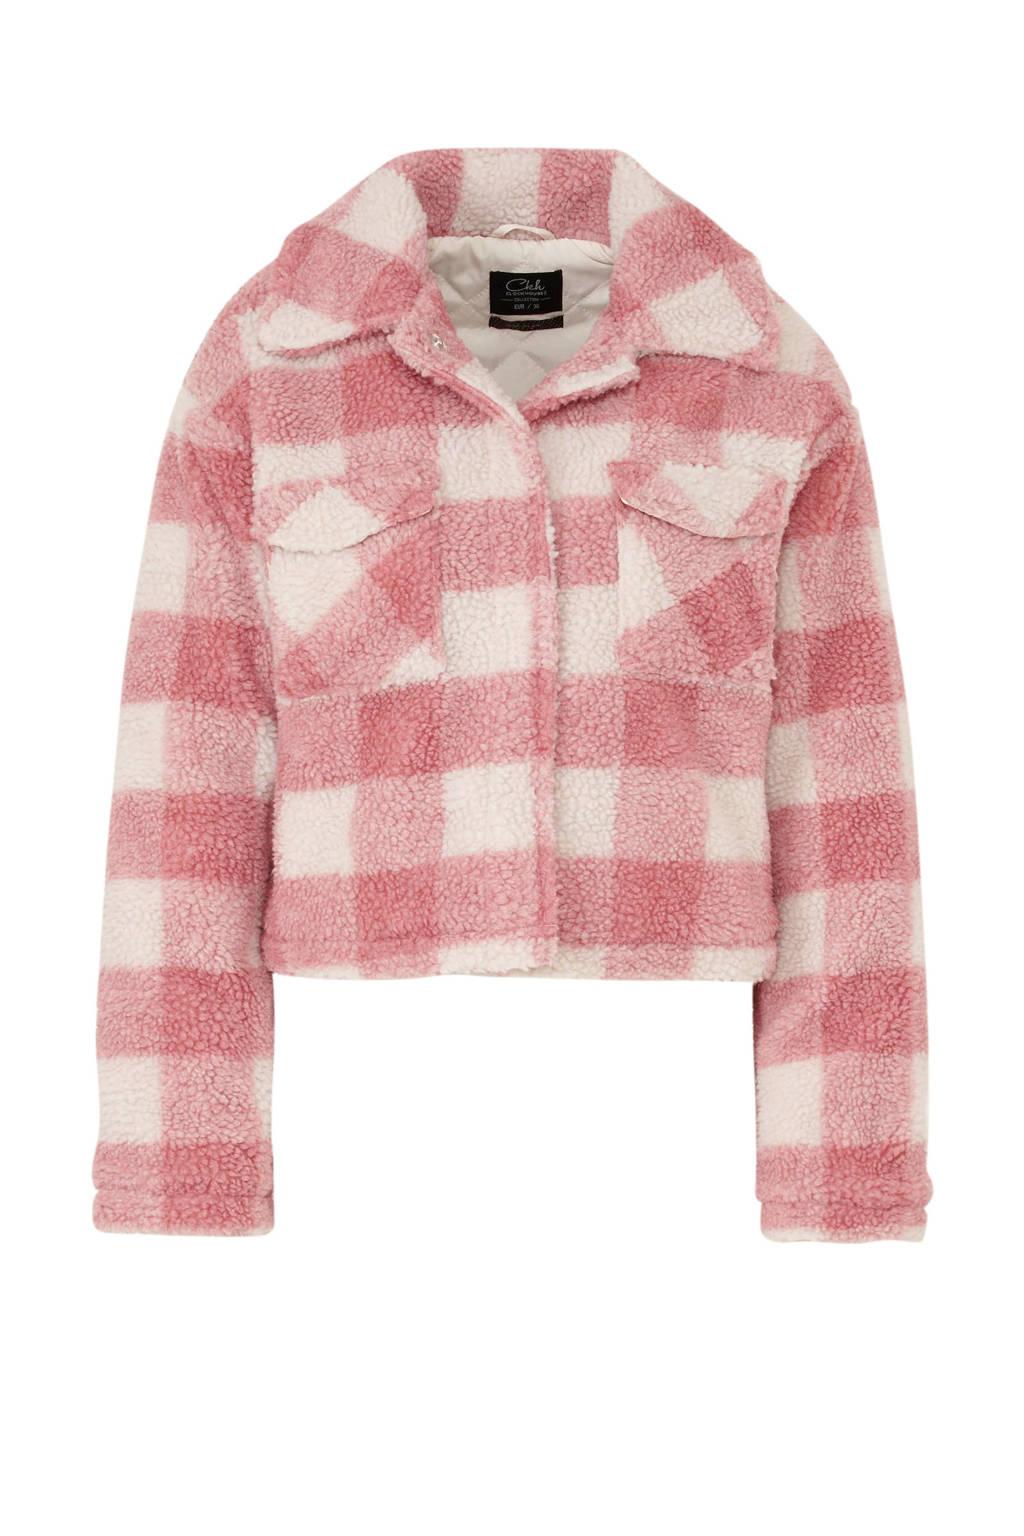 C&A Clockhouse geruite teddy jas roze/wit, Roze/wit